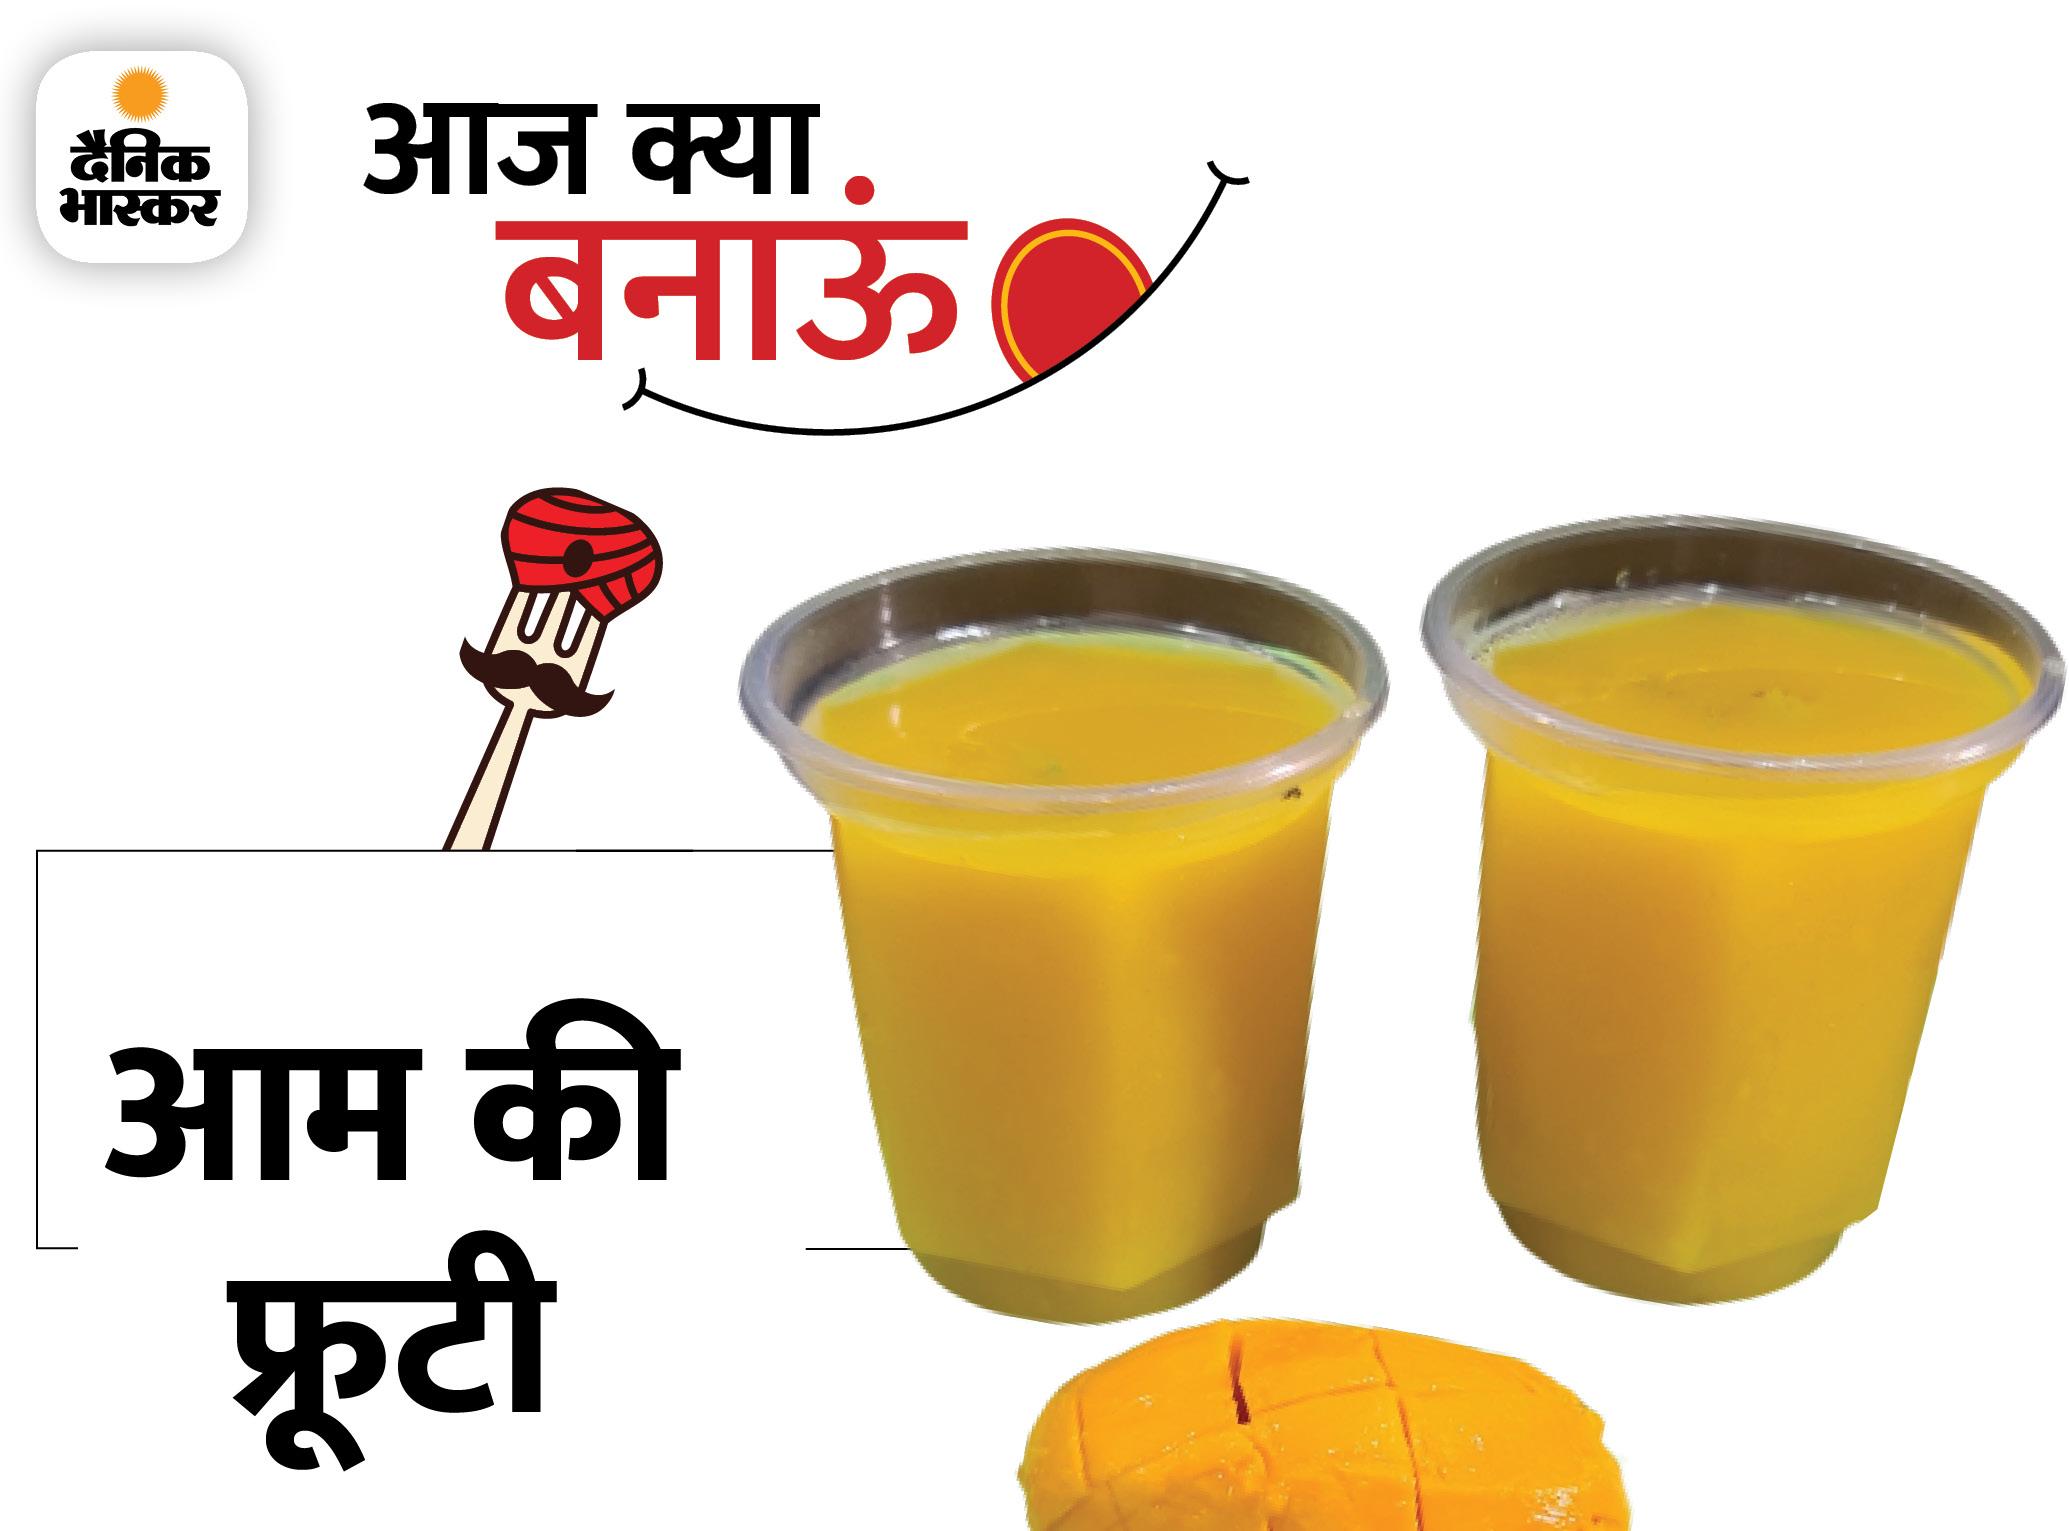 समर स्पेशल आम की फ्रूटी बनाने की आसान रेसिपी, सिर्फ 10 मिनट में हो जाएगी तैयार लाइफस्टाइल,Lifestyle - Dainik Bhaskar